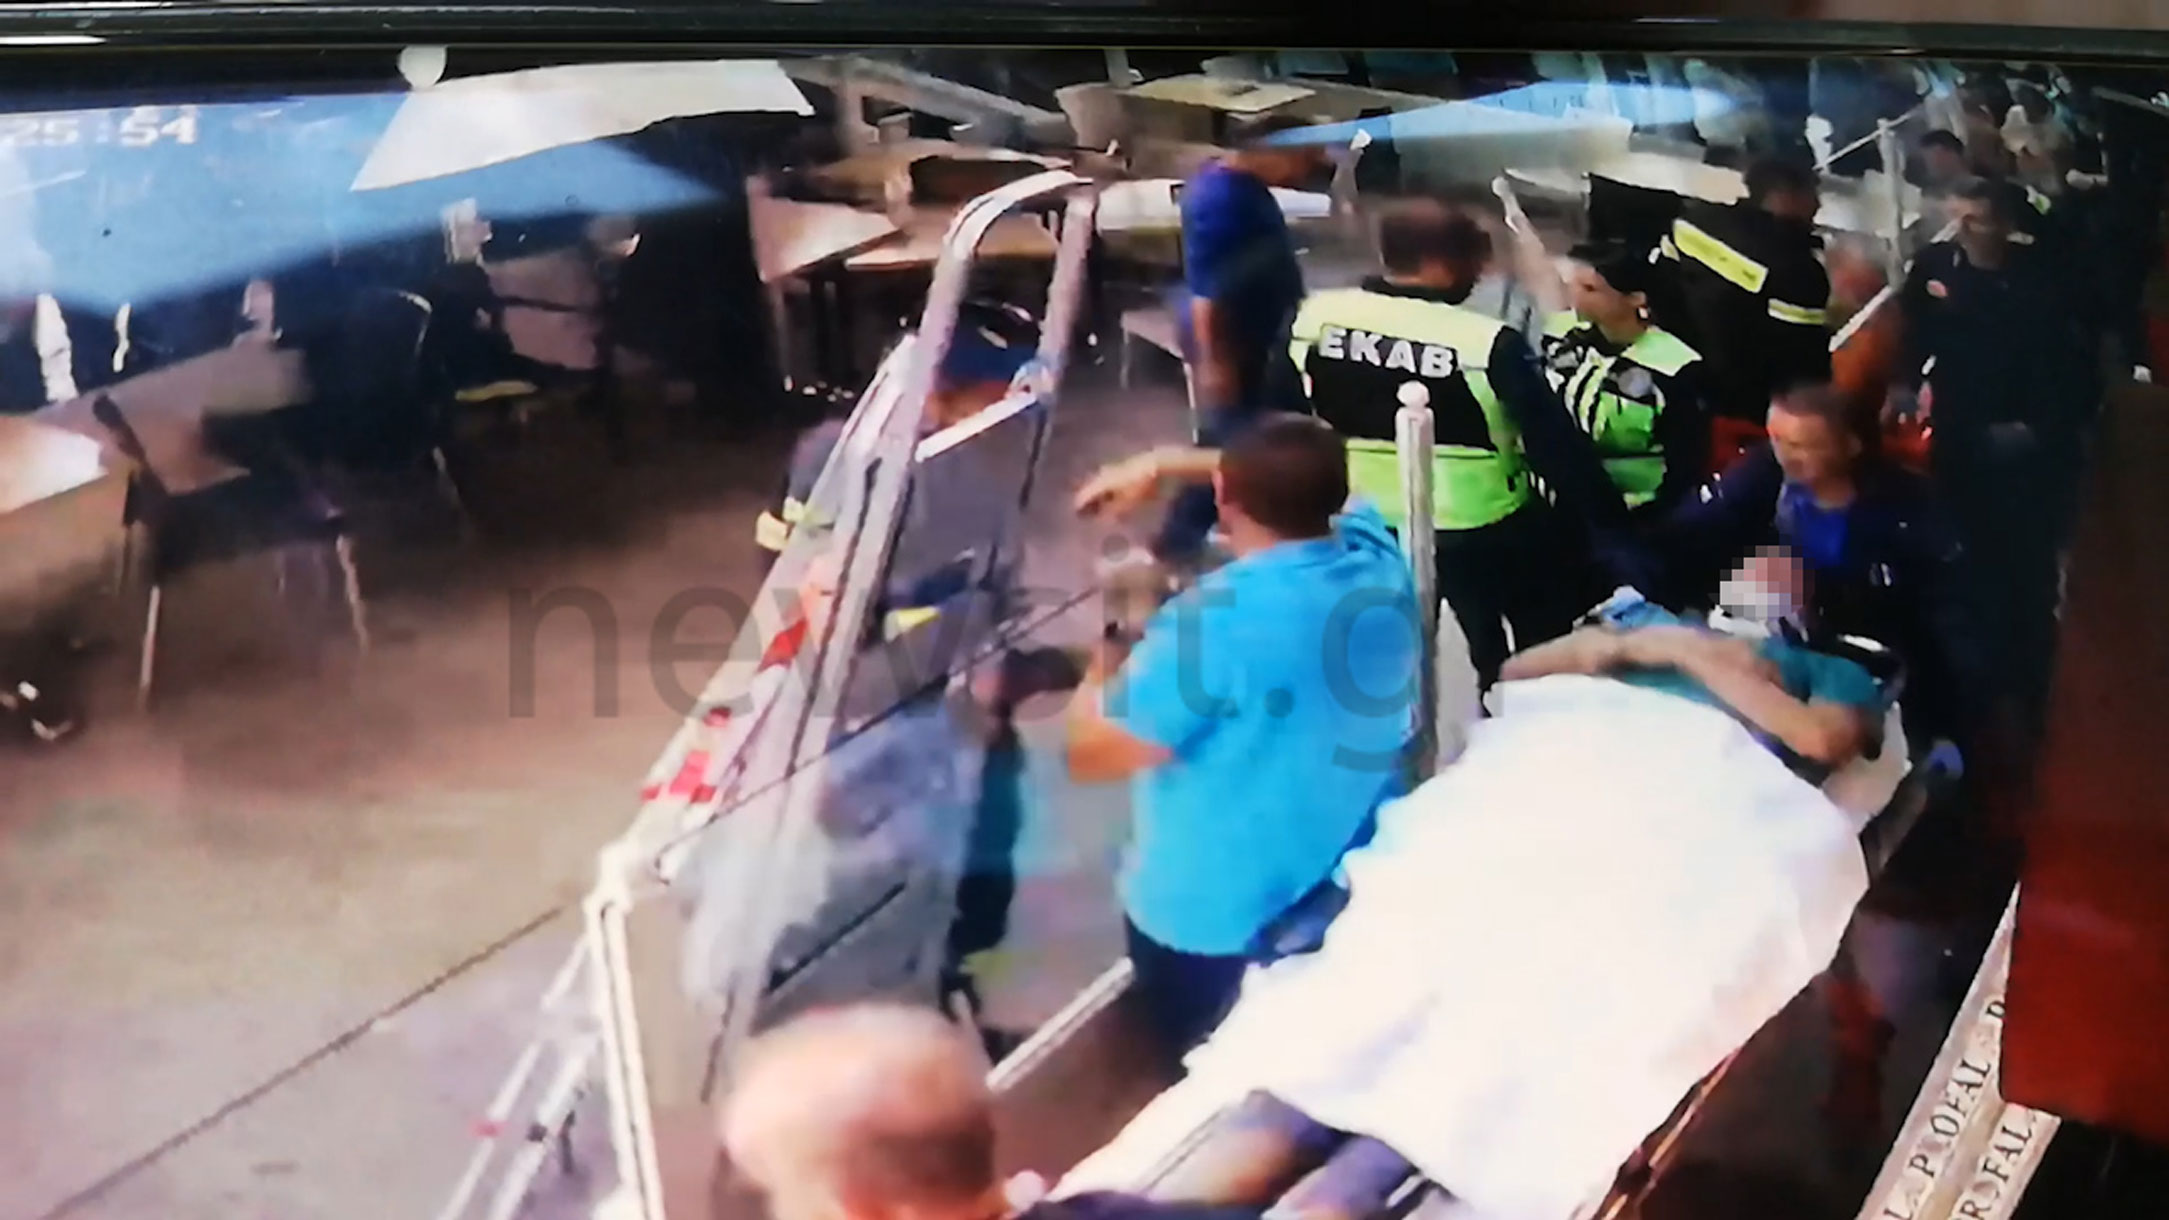 Βίντεο - ντοκουμέντο! Η στιγμή της πτώσης του 45χρονου από τον 5ο όροφο στο Γαλάτσι - Καρέ - καρέ η διάσωσή του